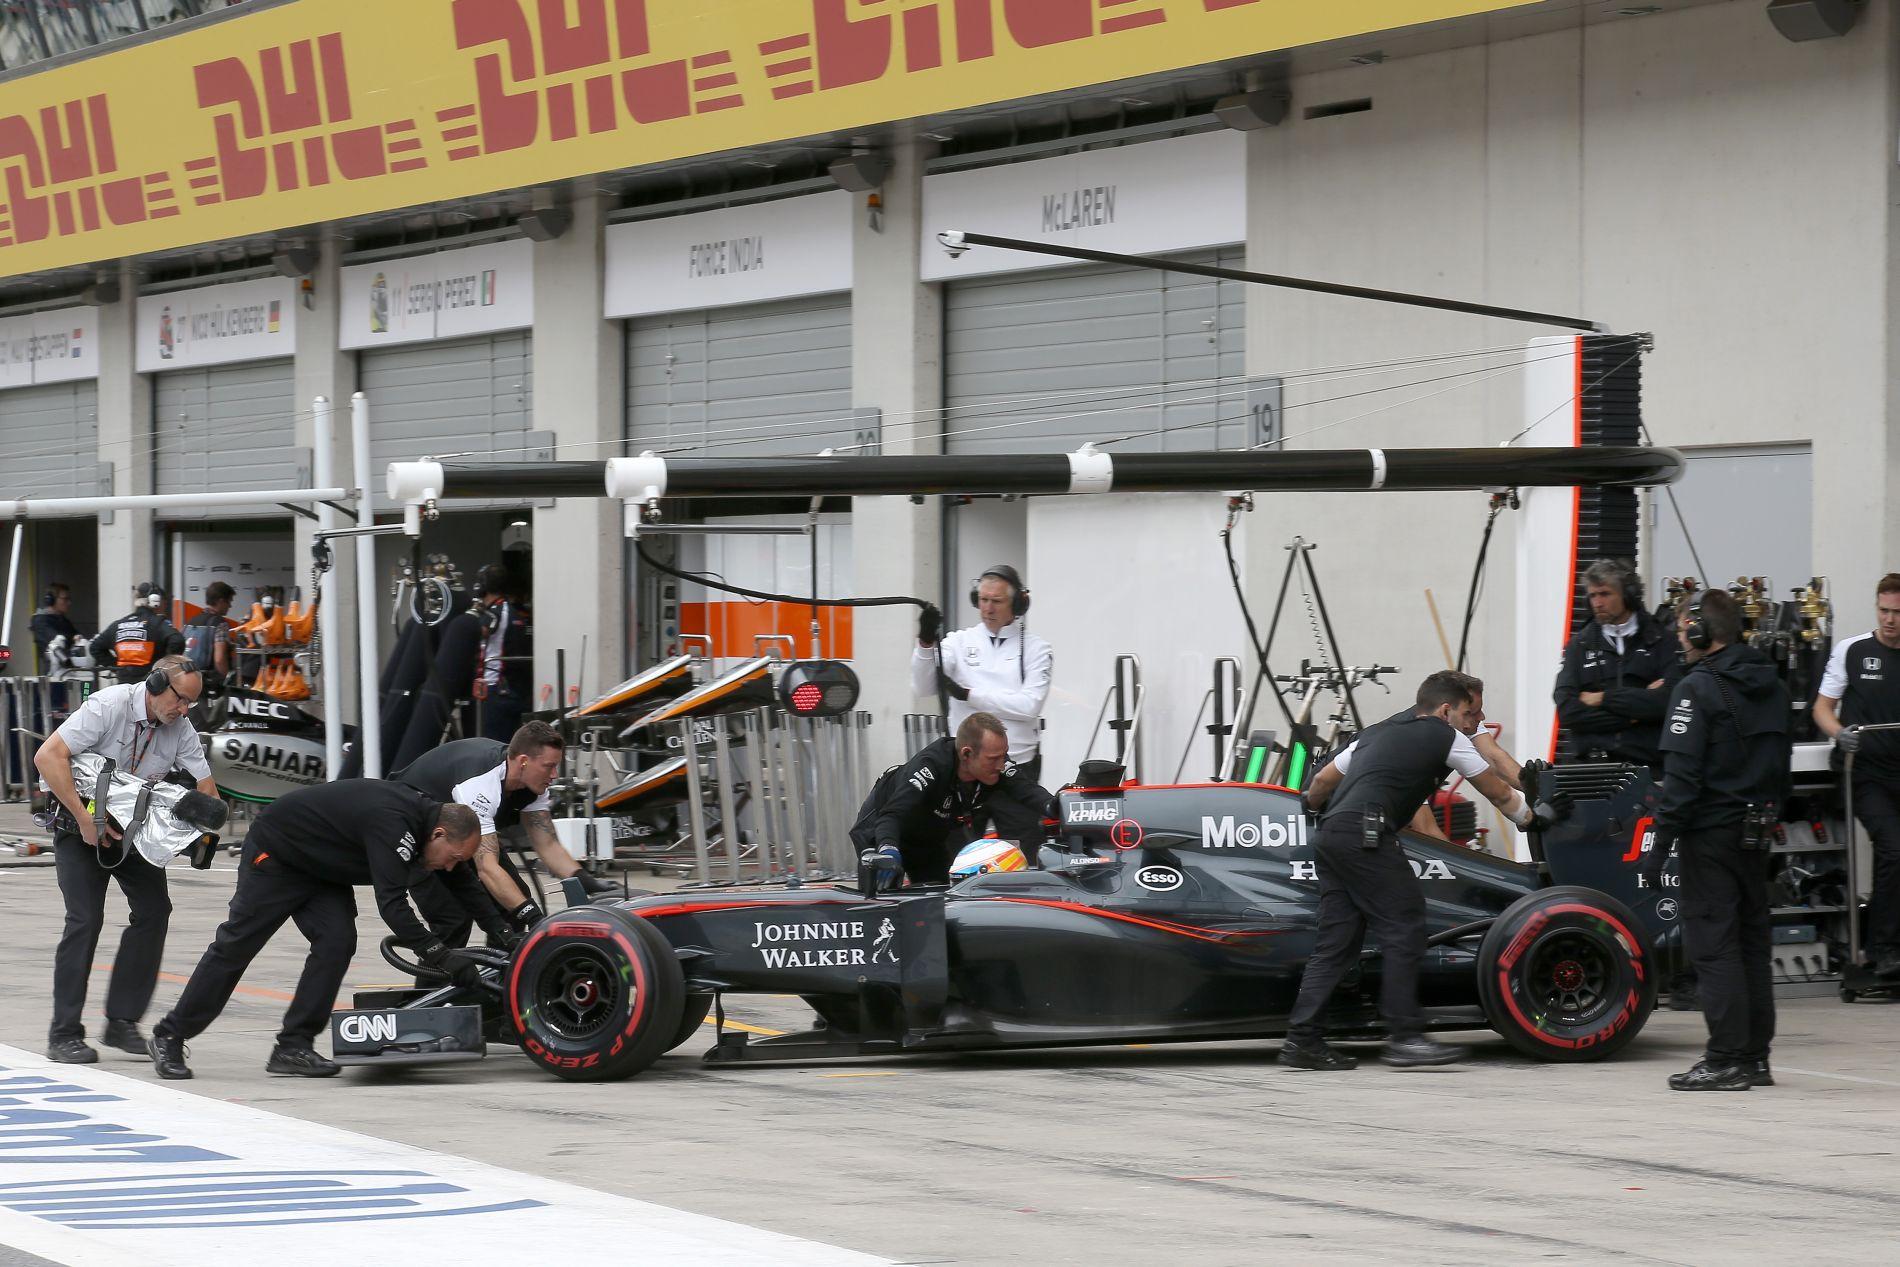 Minden elromlott a McLarennél, ami elromolhat: kemény meneten vannak túl